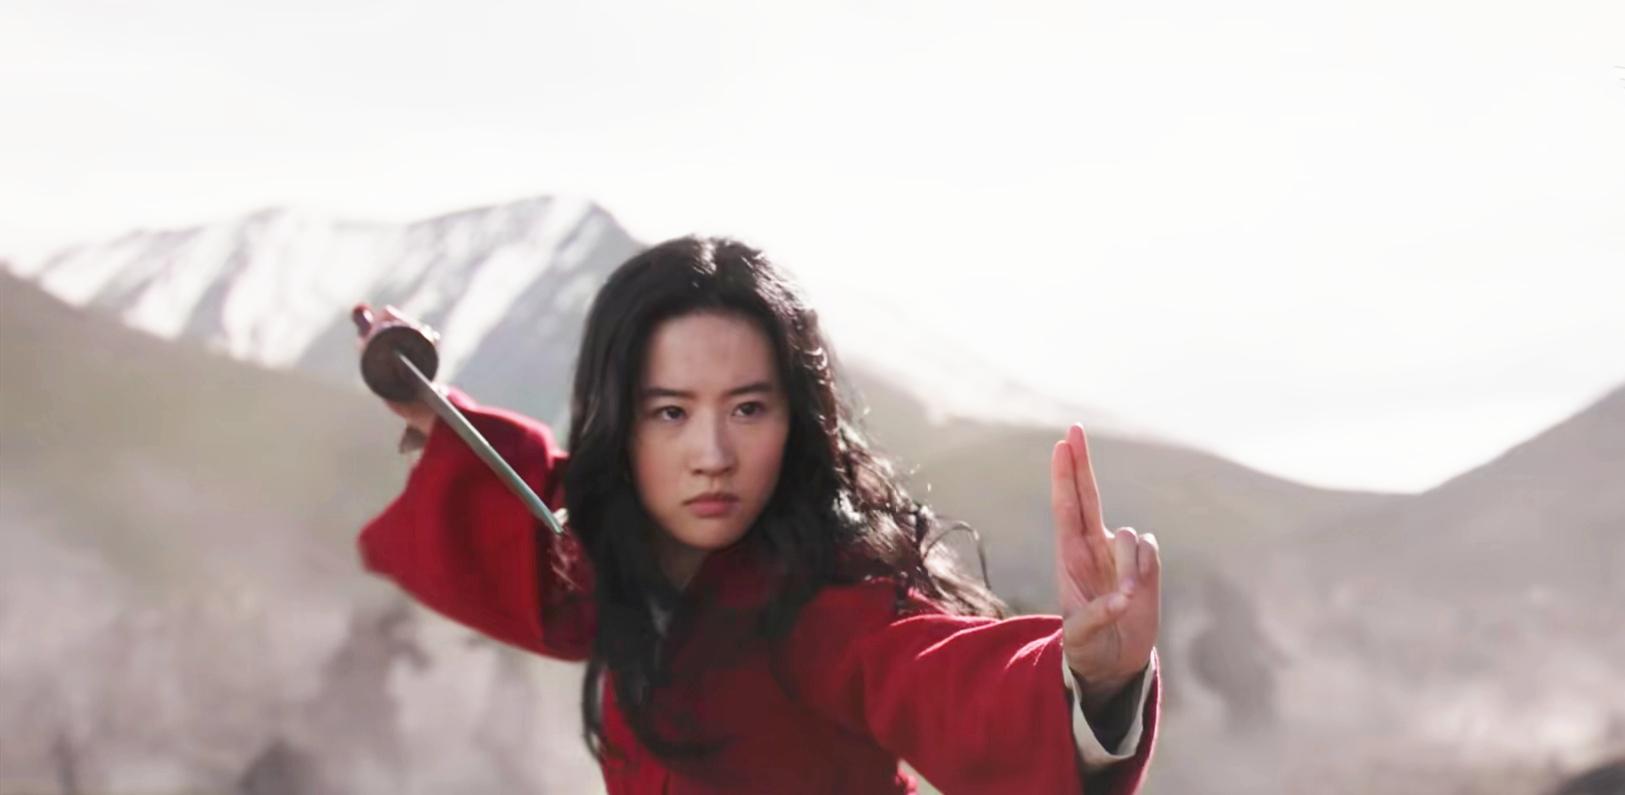 四部爆剧成国内小花第一人,转战大荧屏运气衰,刘亦菲的幸与不幸